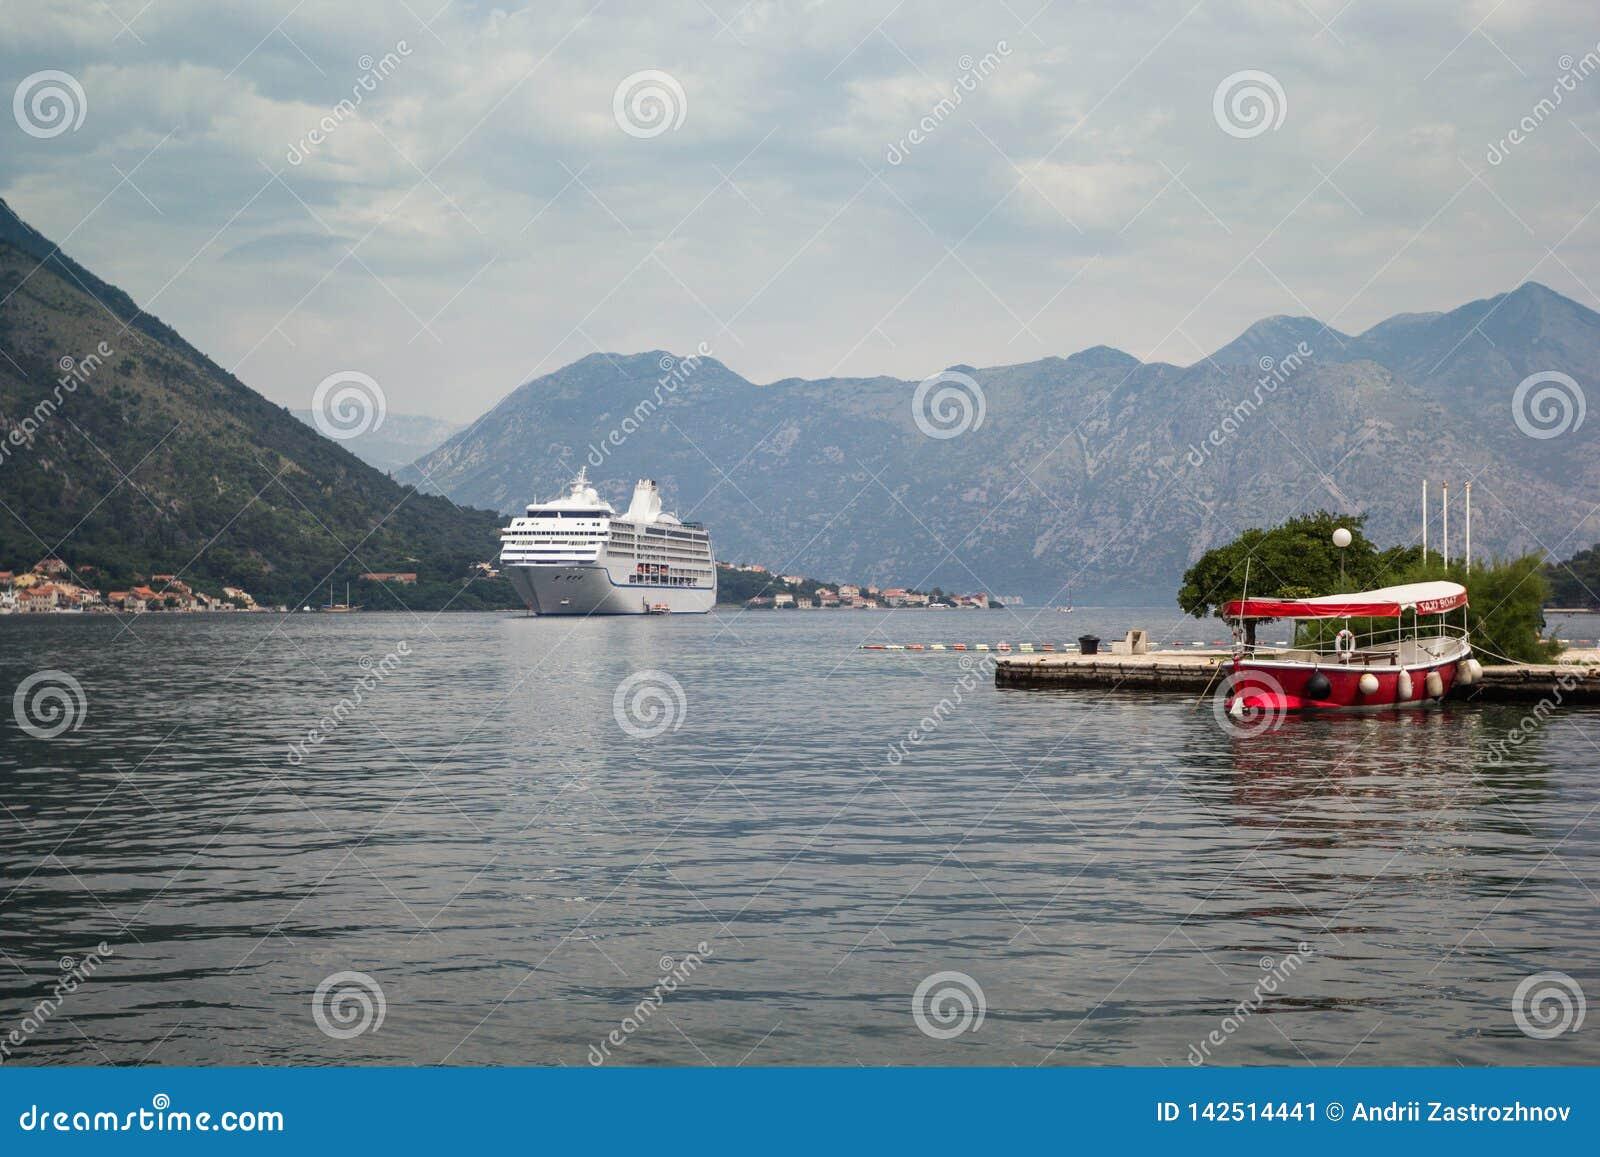 Navio de cruzeiros na baía entre as montanhas, o barco do táxi no cais no primeiro plano